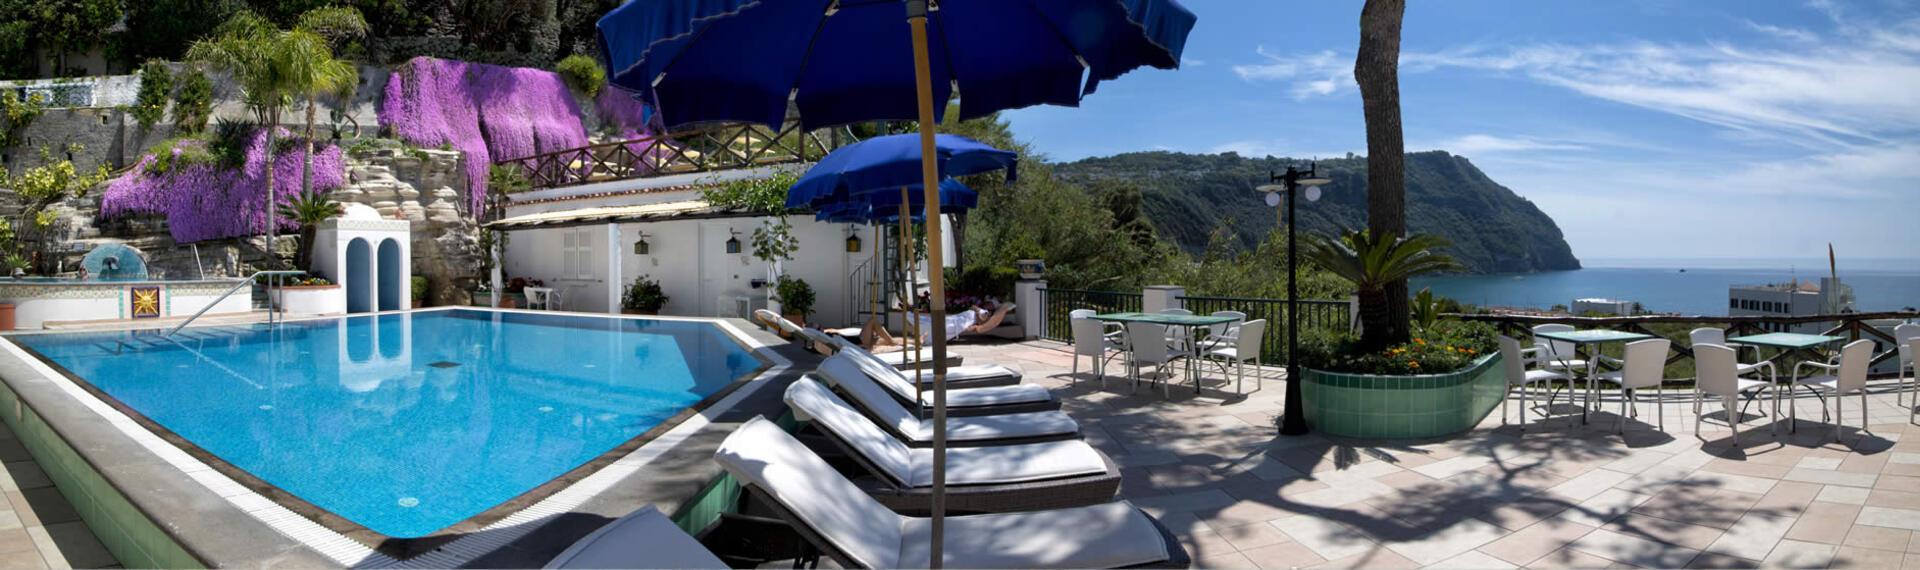 hotelvillabianca de wellness-fitness 009